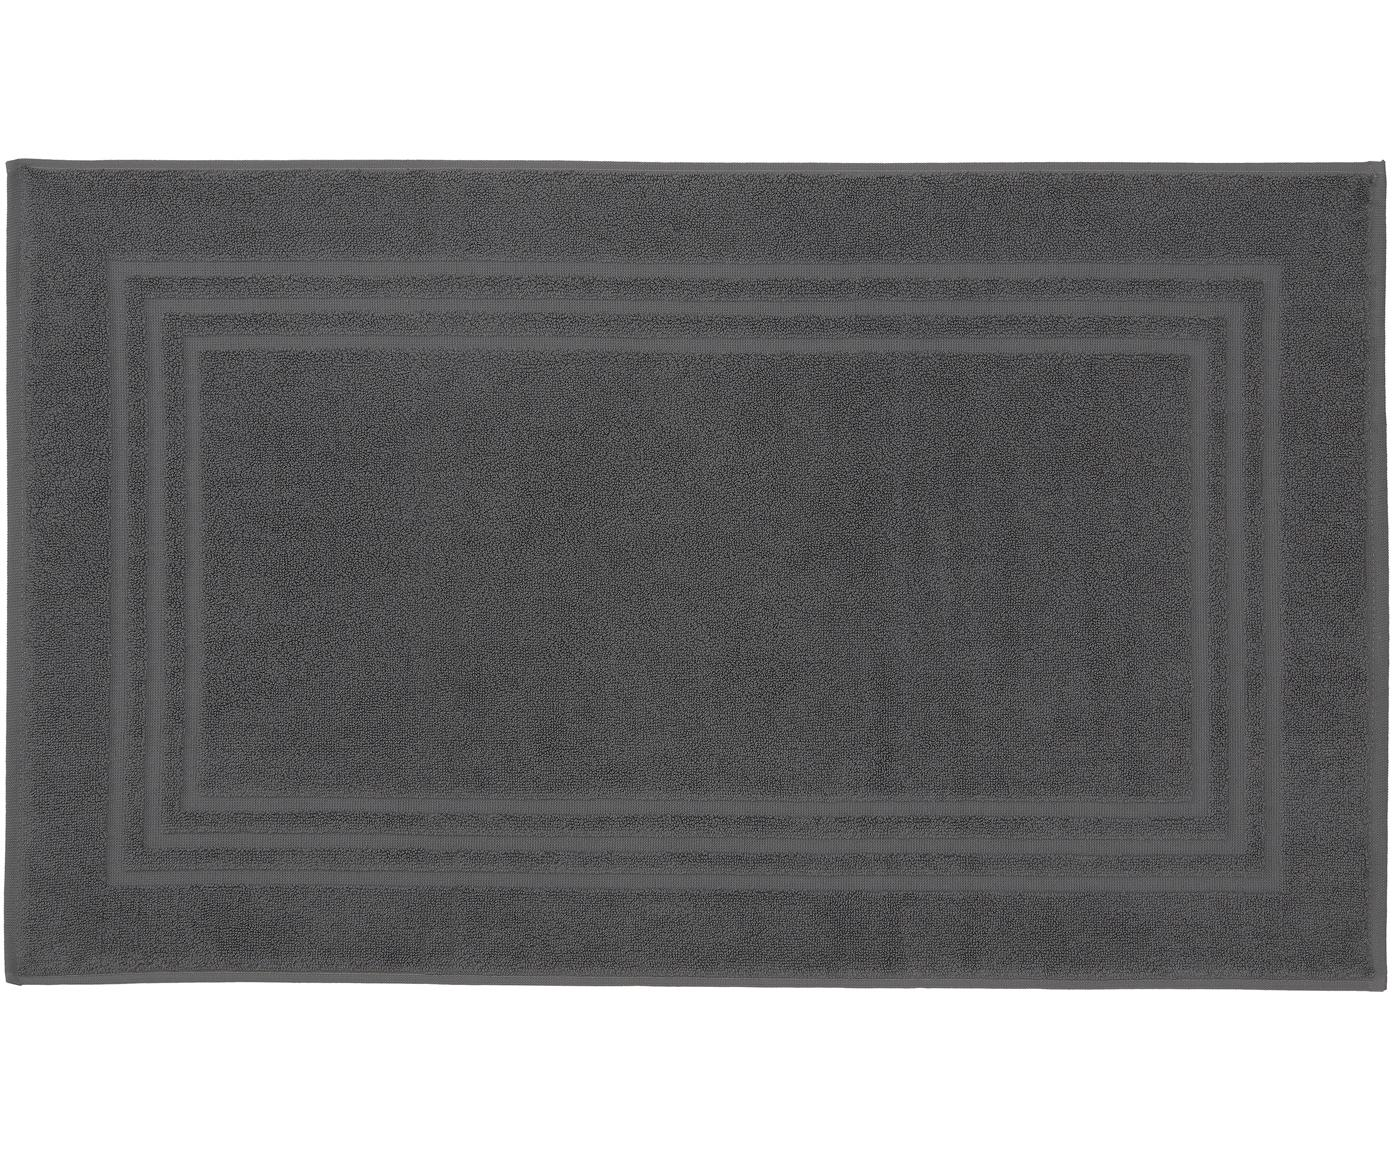 Tappeto bagno in tinta unita Gentle, Cotone, Grigio scuro, Larg. 50 x Lung. 80 cm